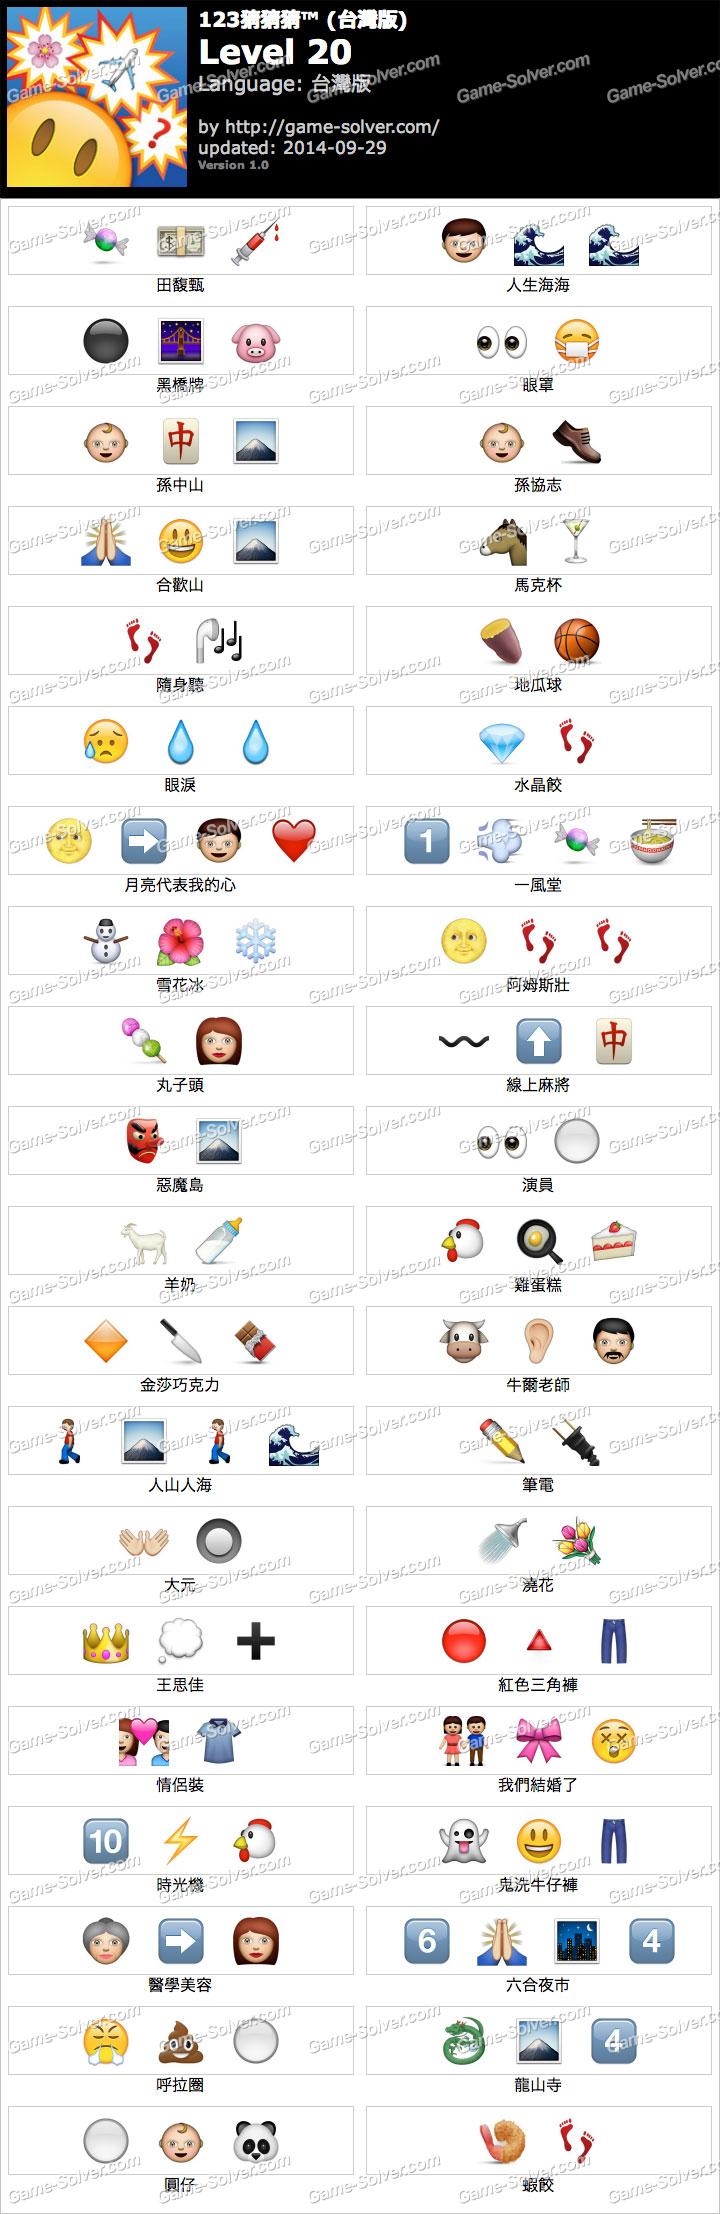 123猜猜猜台灣版答案等級20